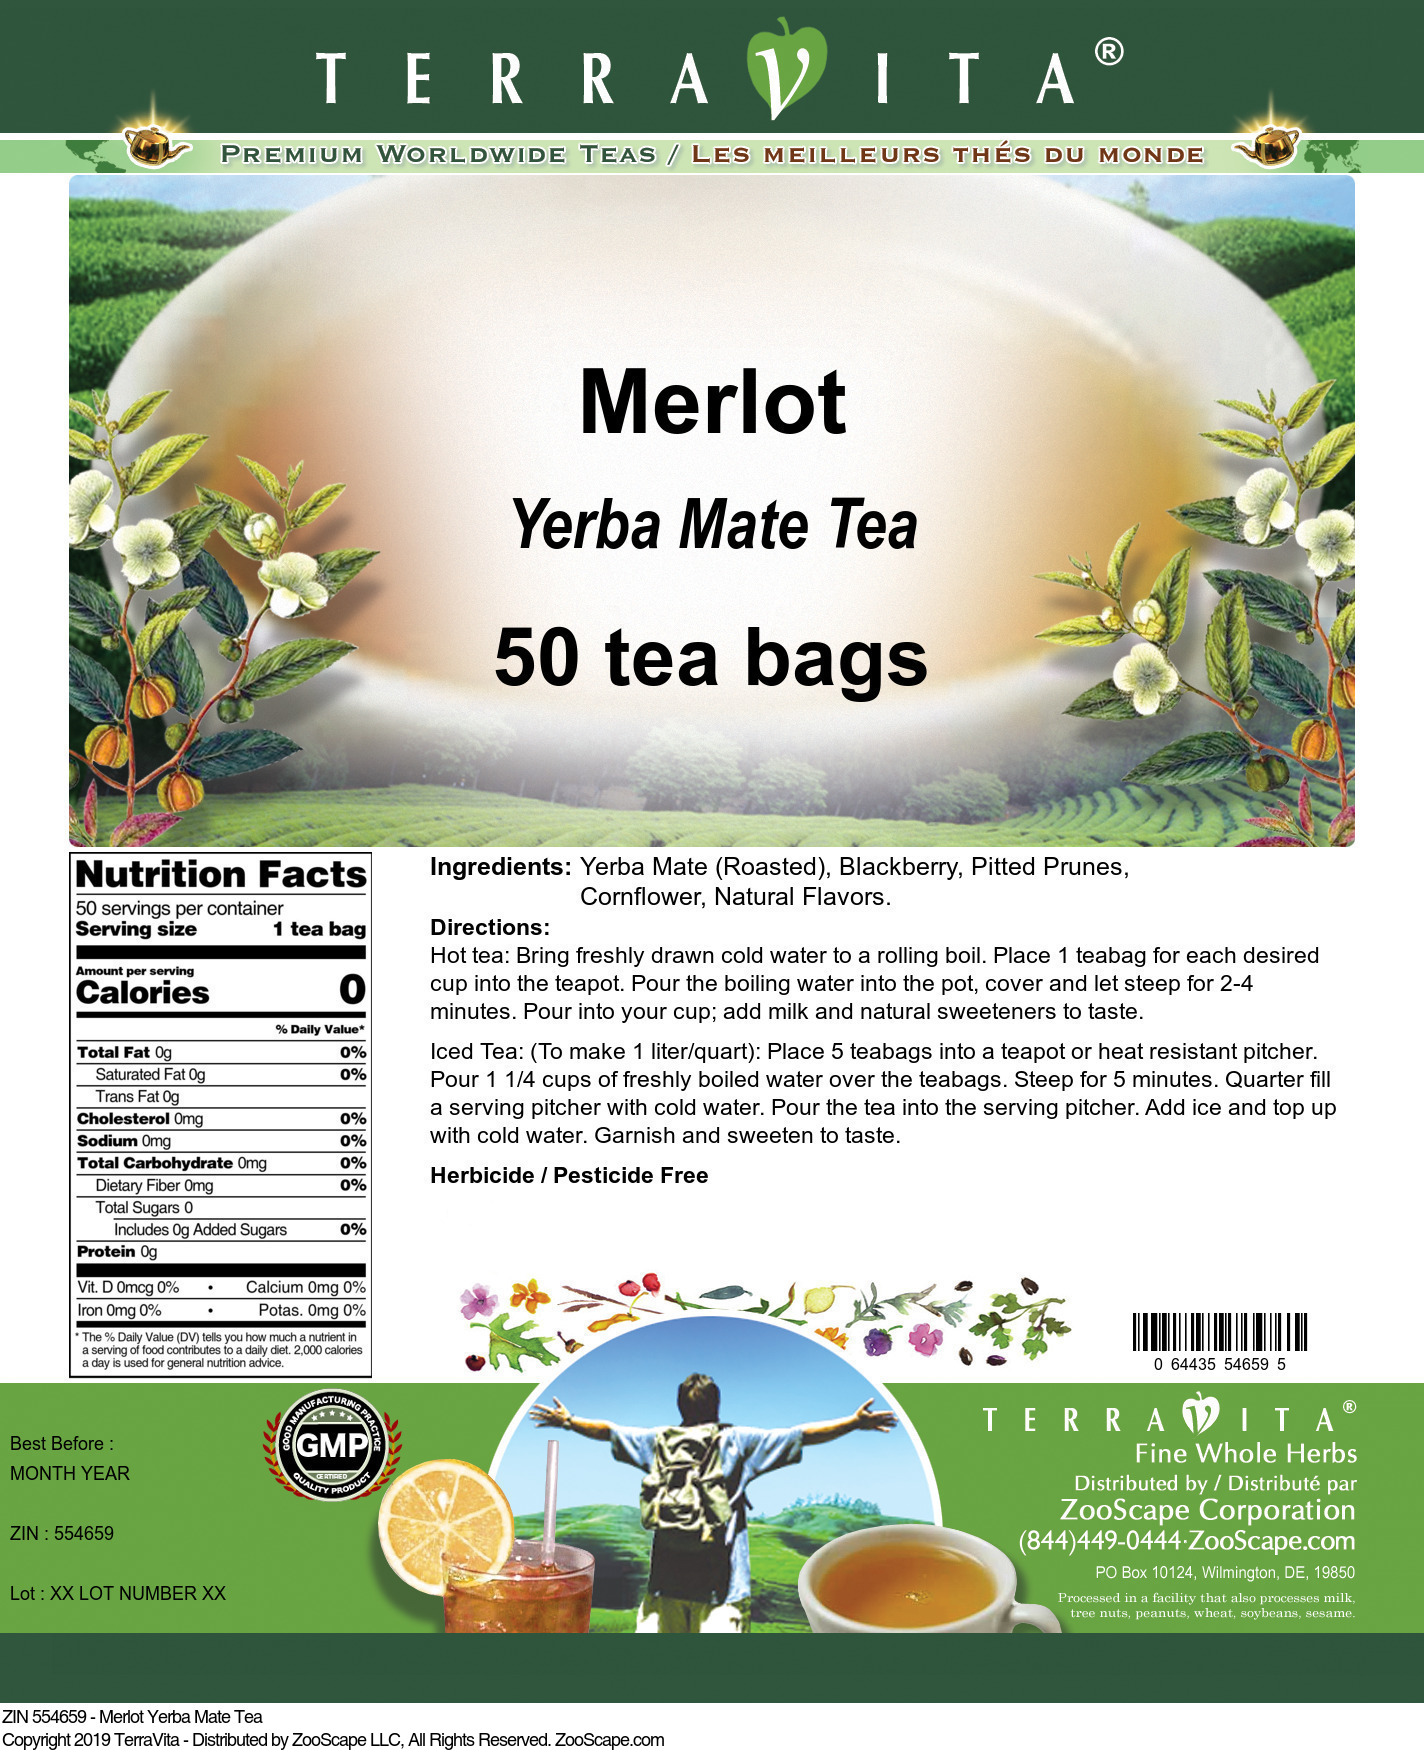 Merlot Yerba Mate Tea